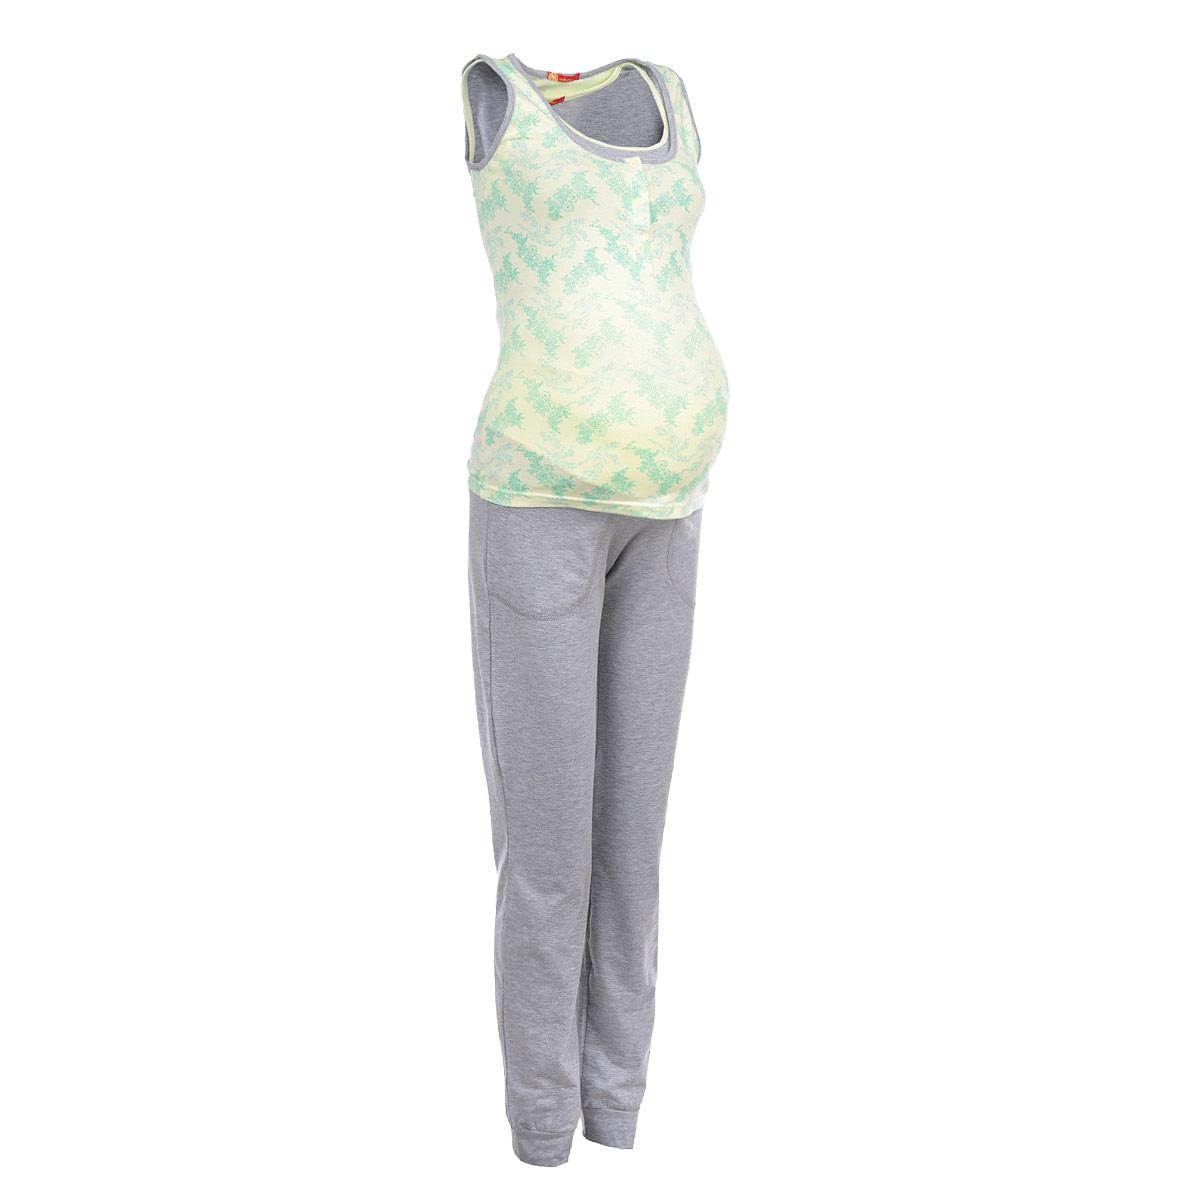 Пижама для беременных и кормящих Мамин Дом Sunshine, цвет: серый, салатовый. 24138. Размер 50